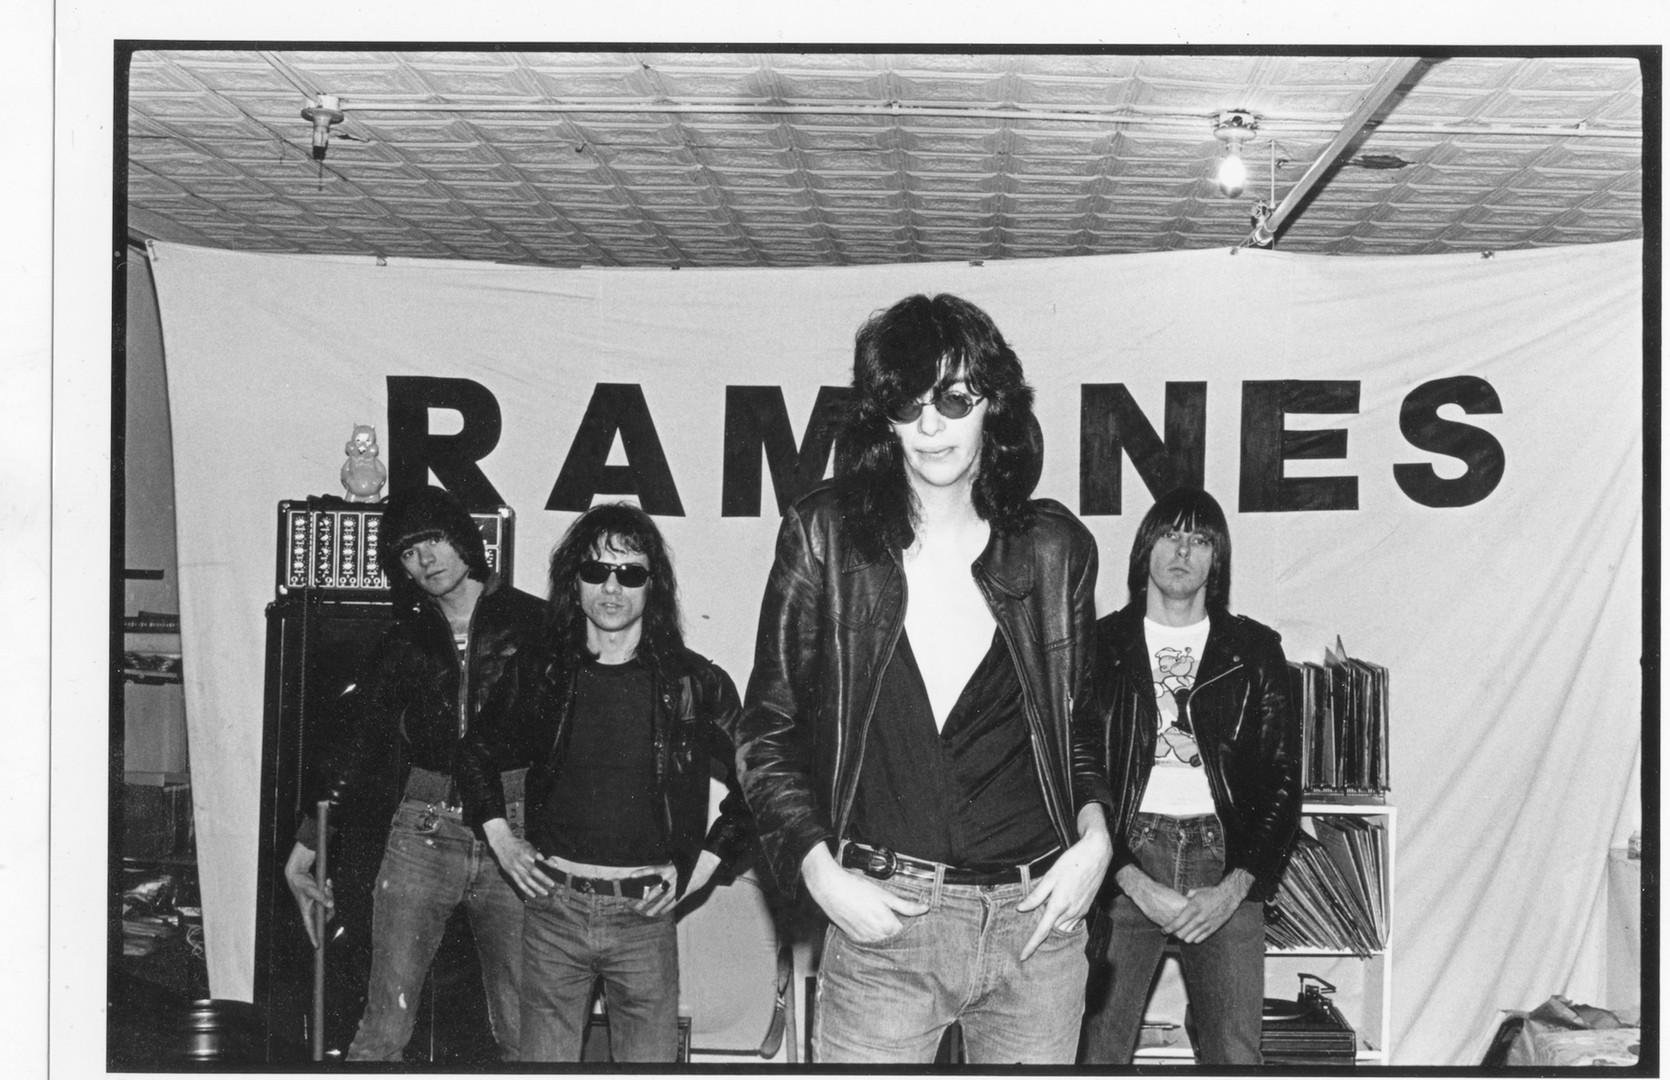 Ramones banner